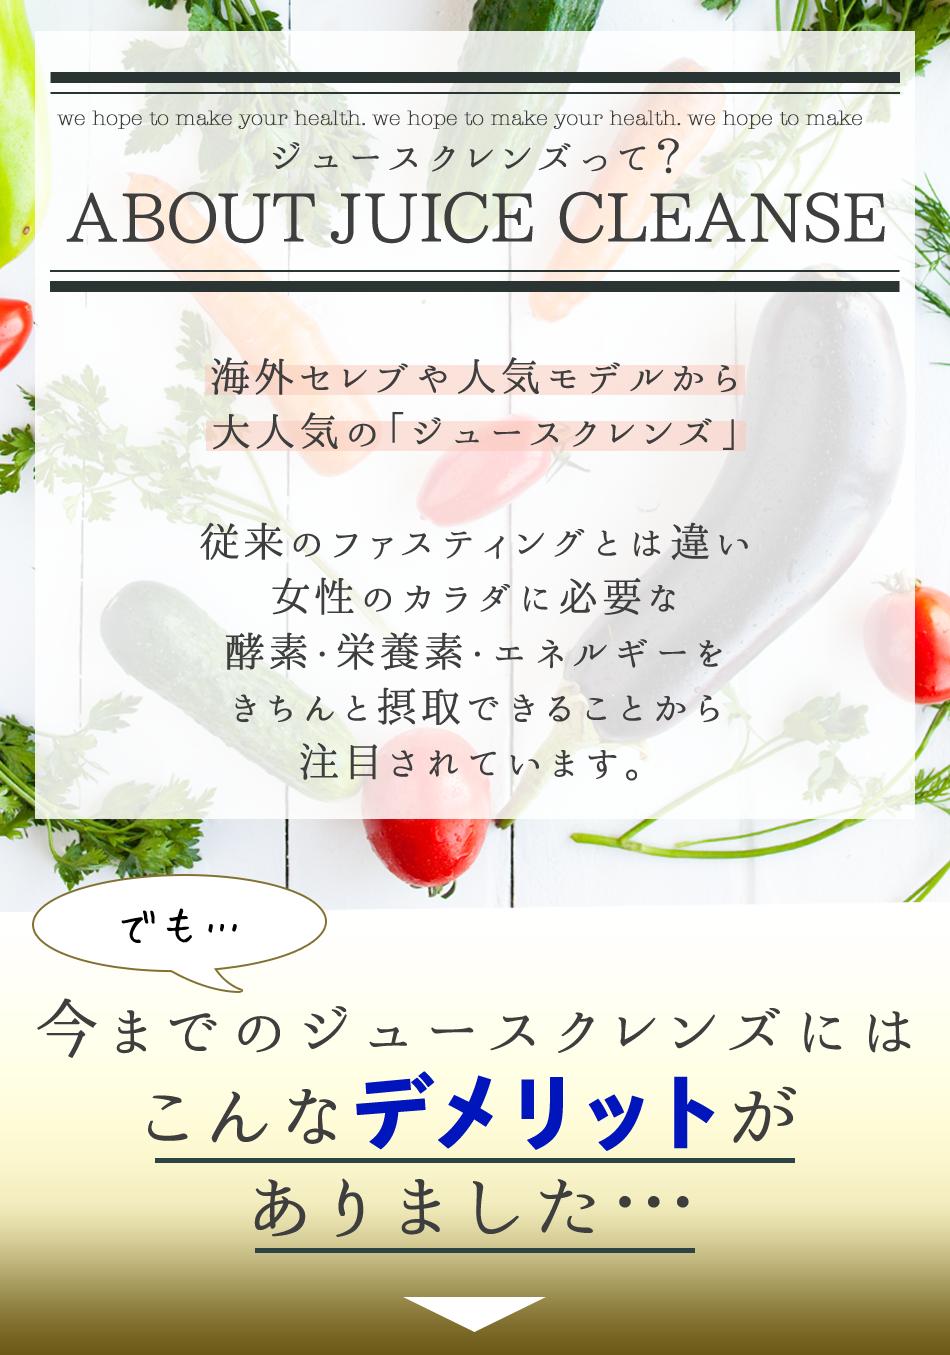 ジュースクレンズって?ABOUT JUICE CLEANSE 海外セレブや人気モデルから大人気の「ジュースクレンズ」 従来のファスティングとは違い女性のカラダに必要な酵素・栄養素・エネルギーをきちんと摂取しながら行なうので細胞レベルまでクレンズできちゃうんです。デトックス ダイエット 疲労回復 美肌 内臓回復機能